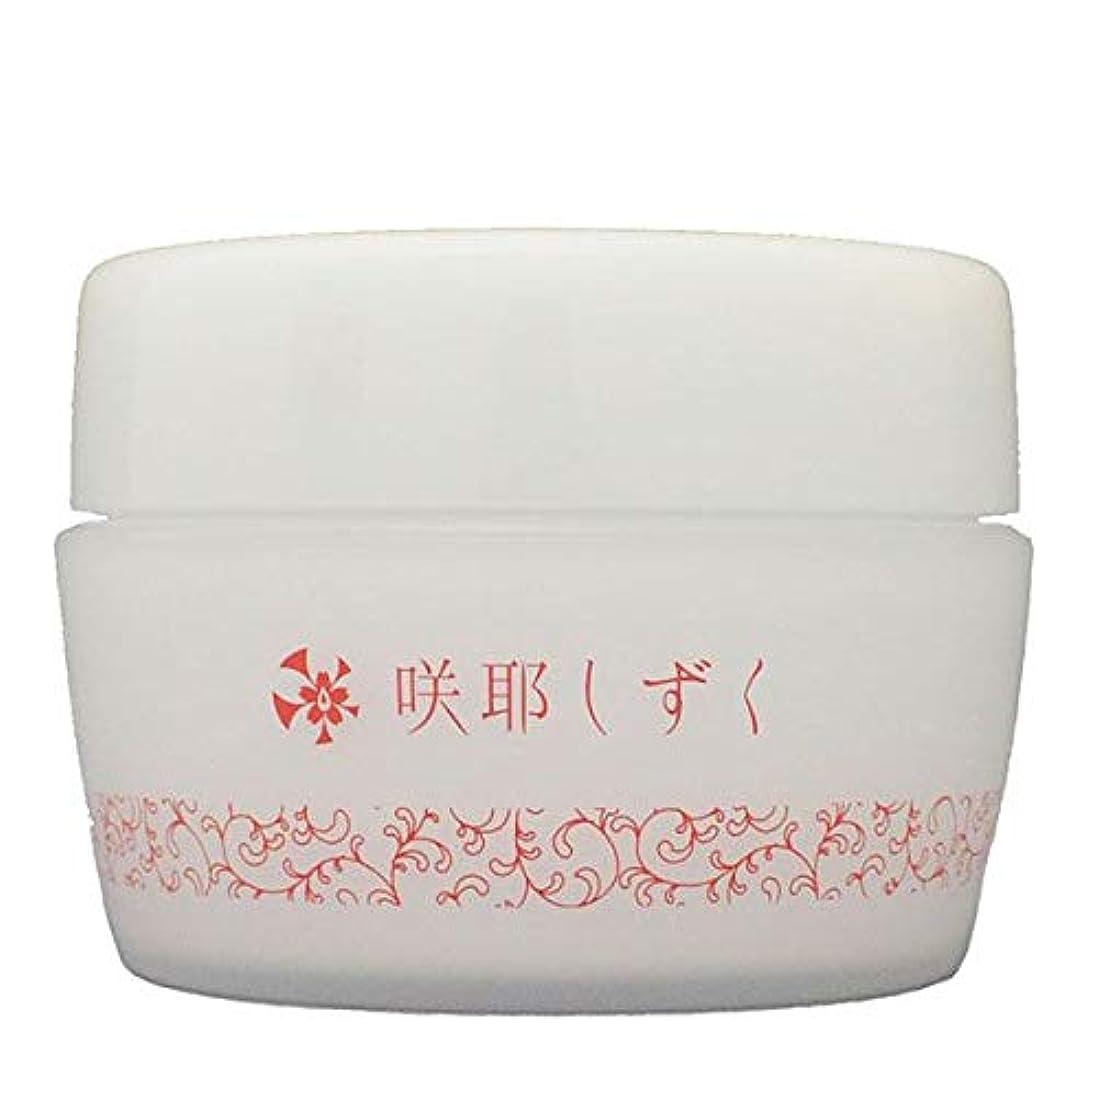 クッション現象マーチャンダイジング咲耶しずく クリーム 乾燥肌 さくやしずく 敏感肌 エムズジャパン M's Japan ms-sge01